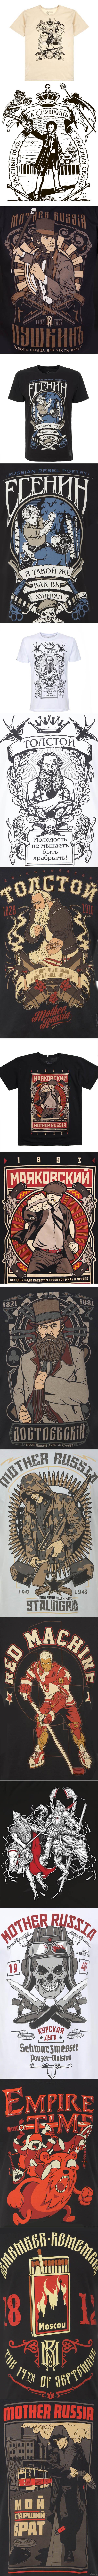 Популярные нынче принты на футболки (Русские поэты, война, хоккей и т.д) Как мне кажется, достаточно интересные принты